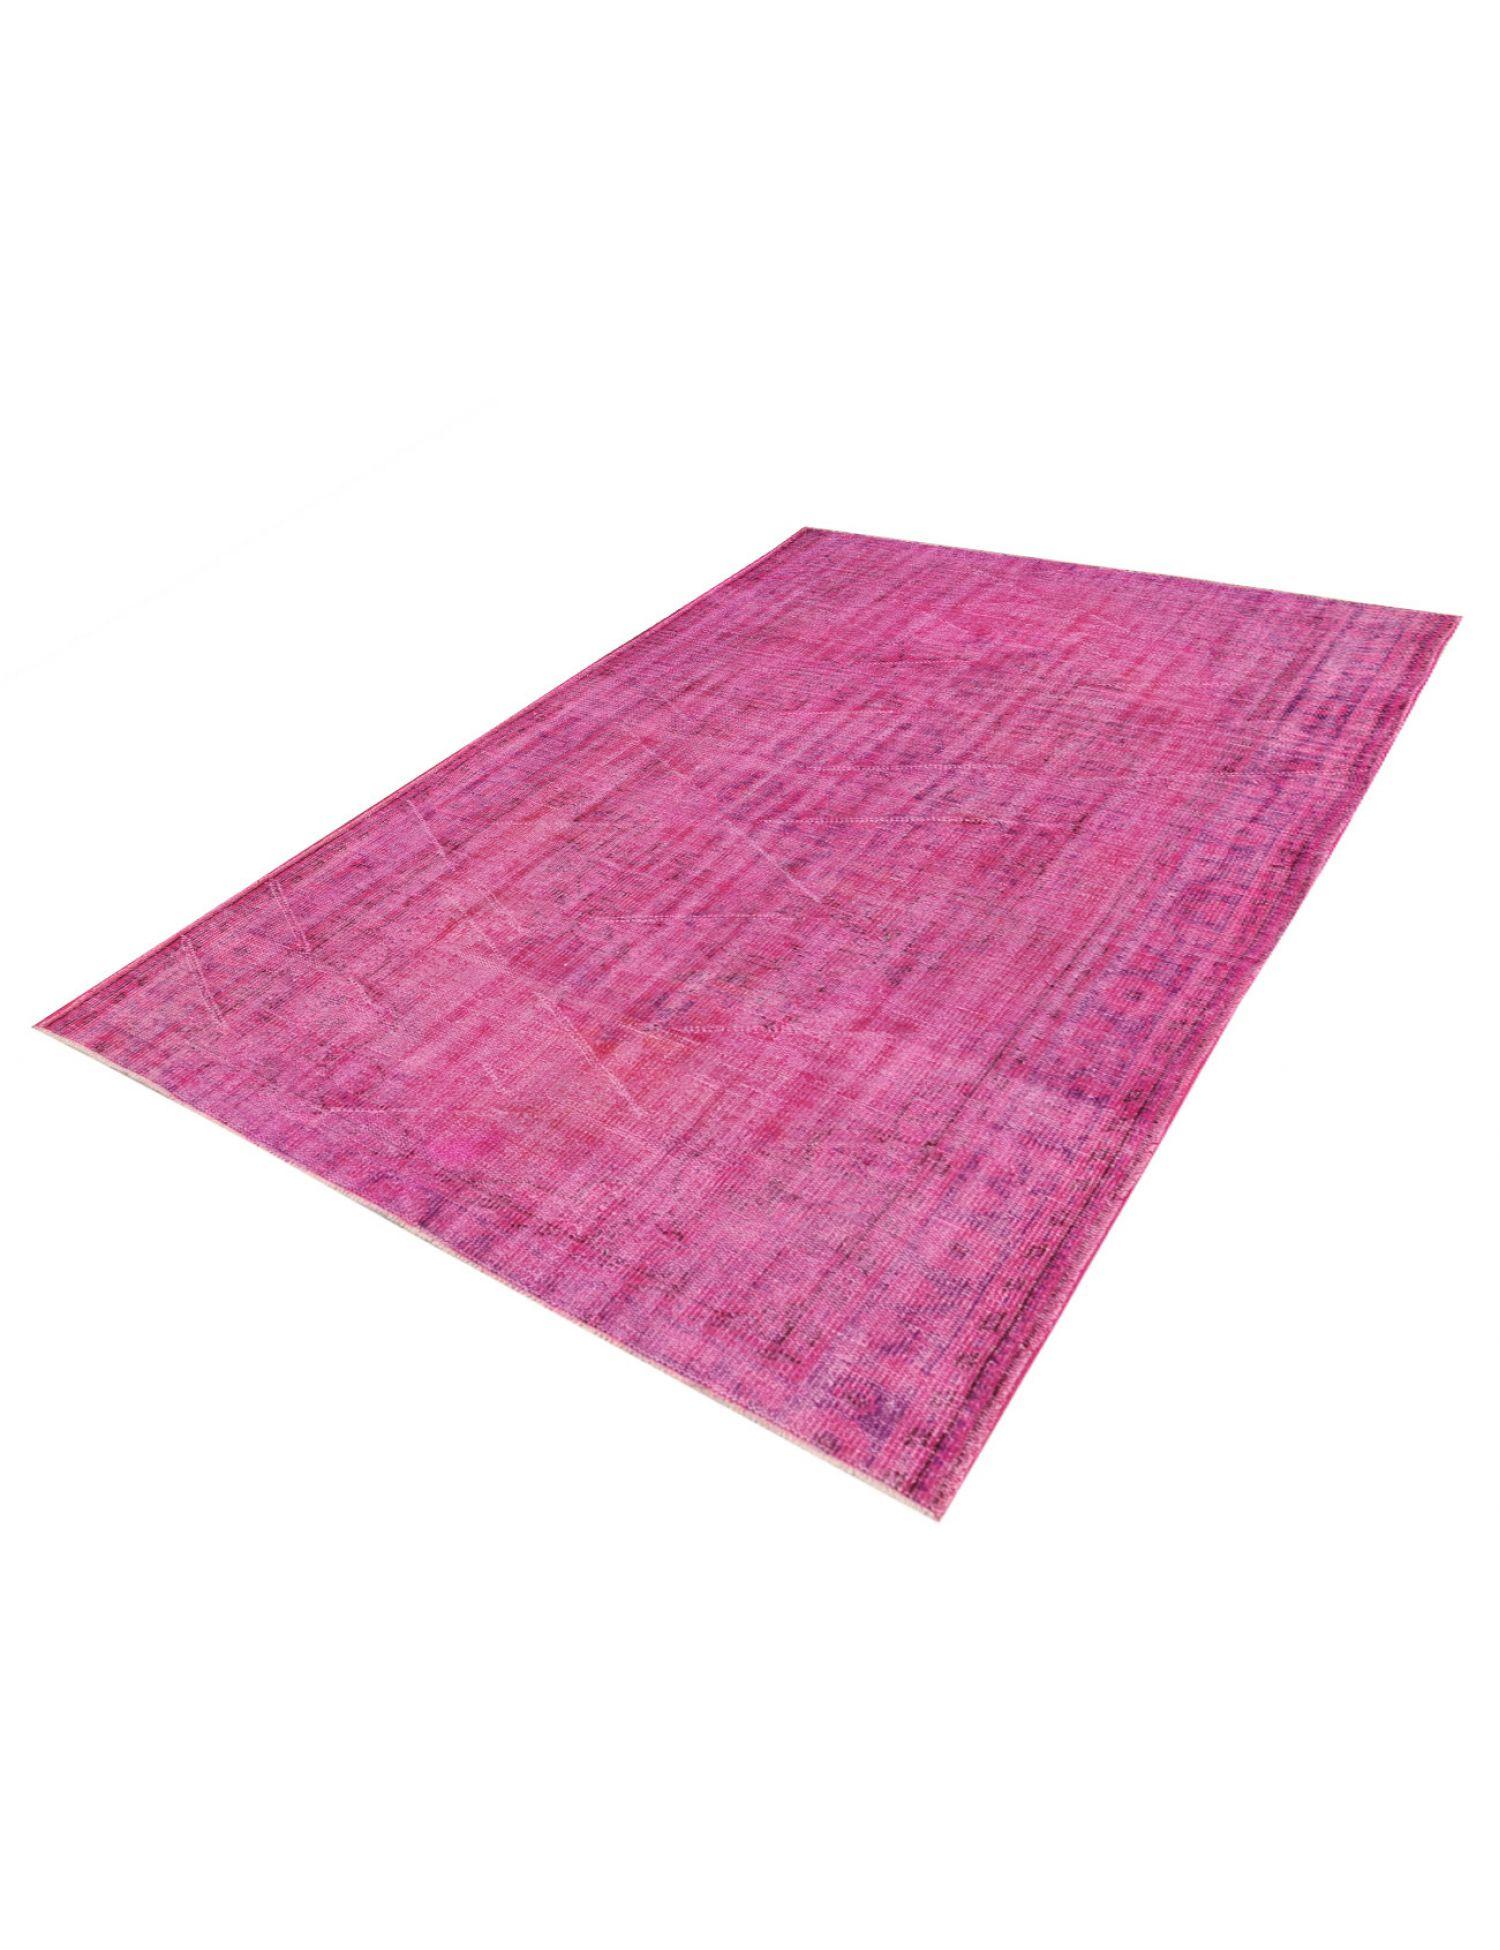 Vintage Carpet  purple  <br/>271 x 178 cm